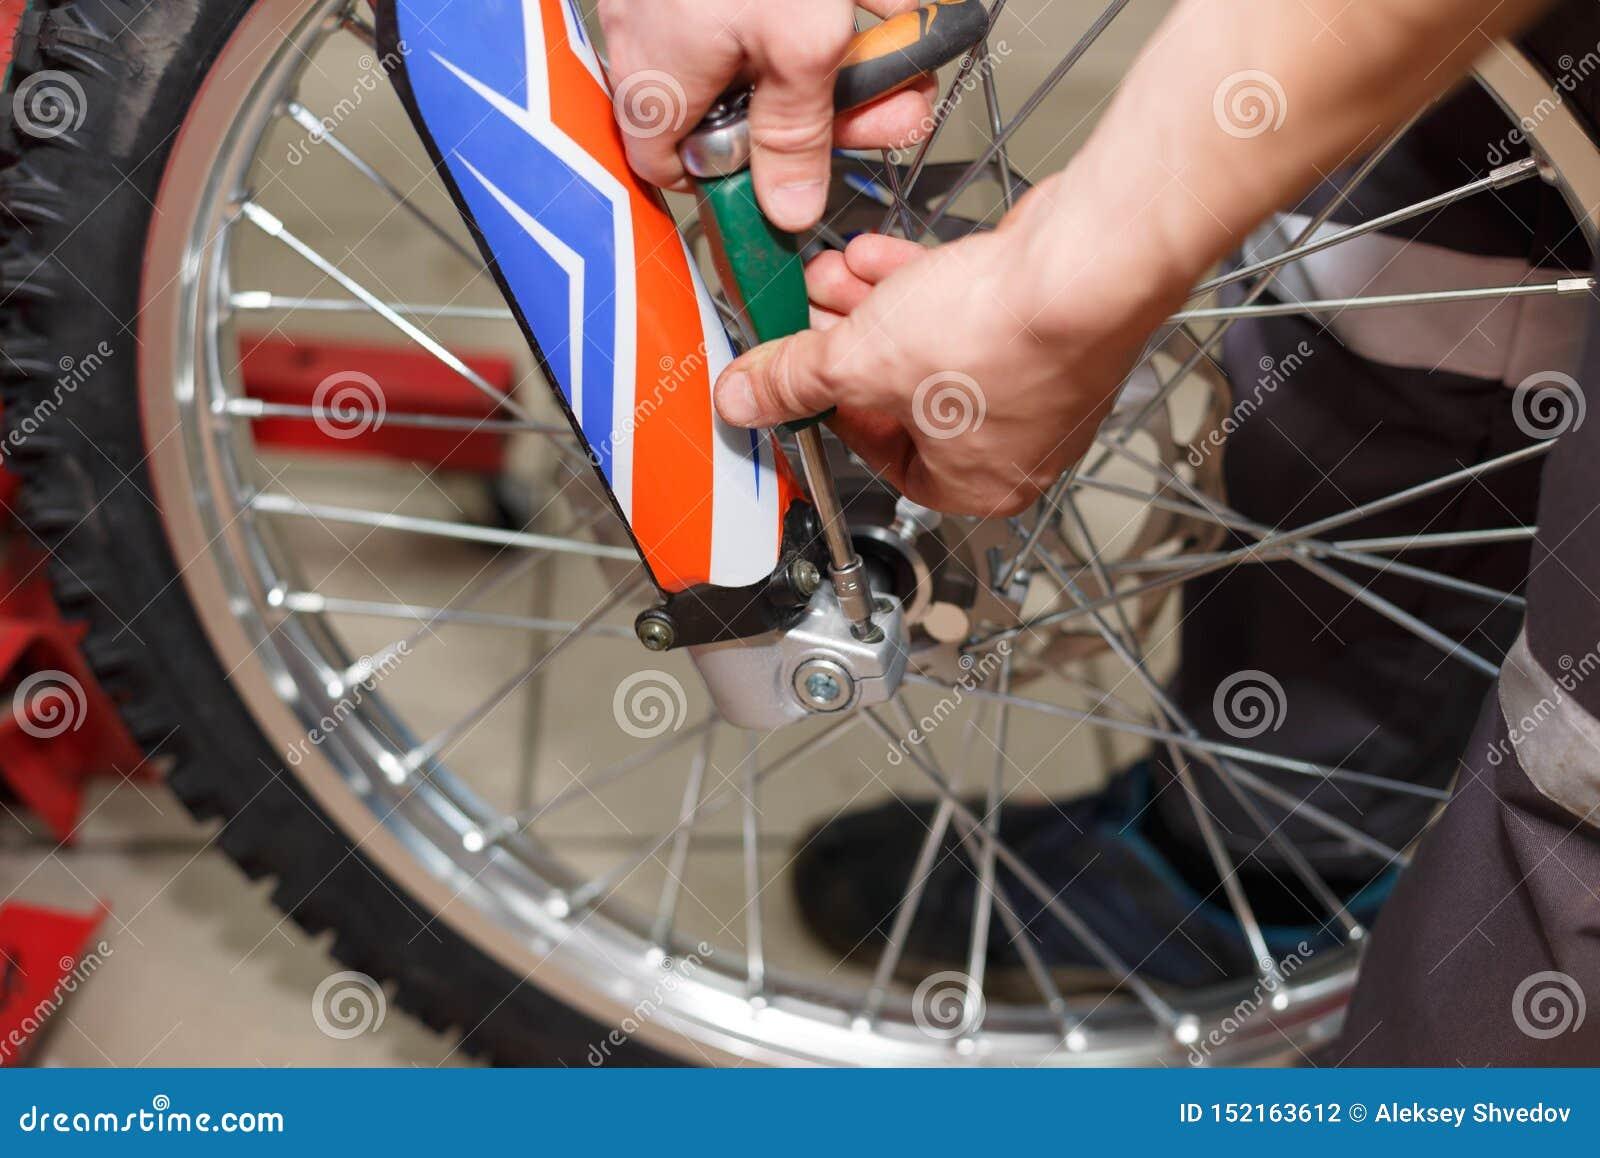 Motocyklu koła naprawa po tym jak opona lub dysk szkoda przepuszczamy